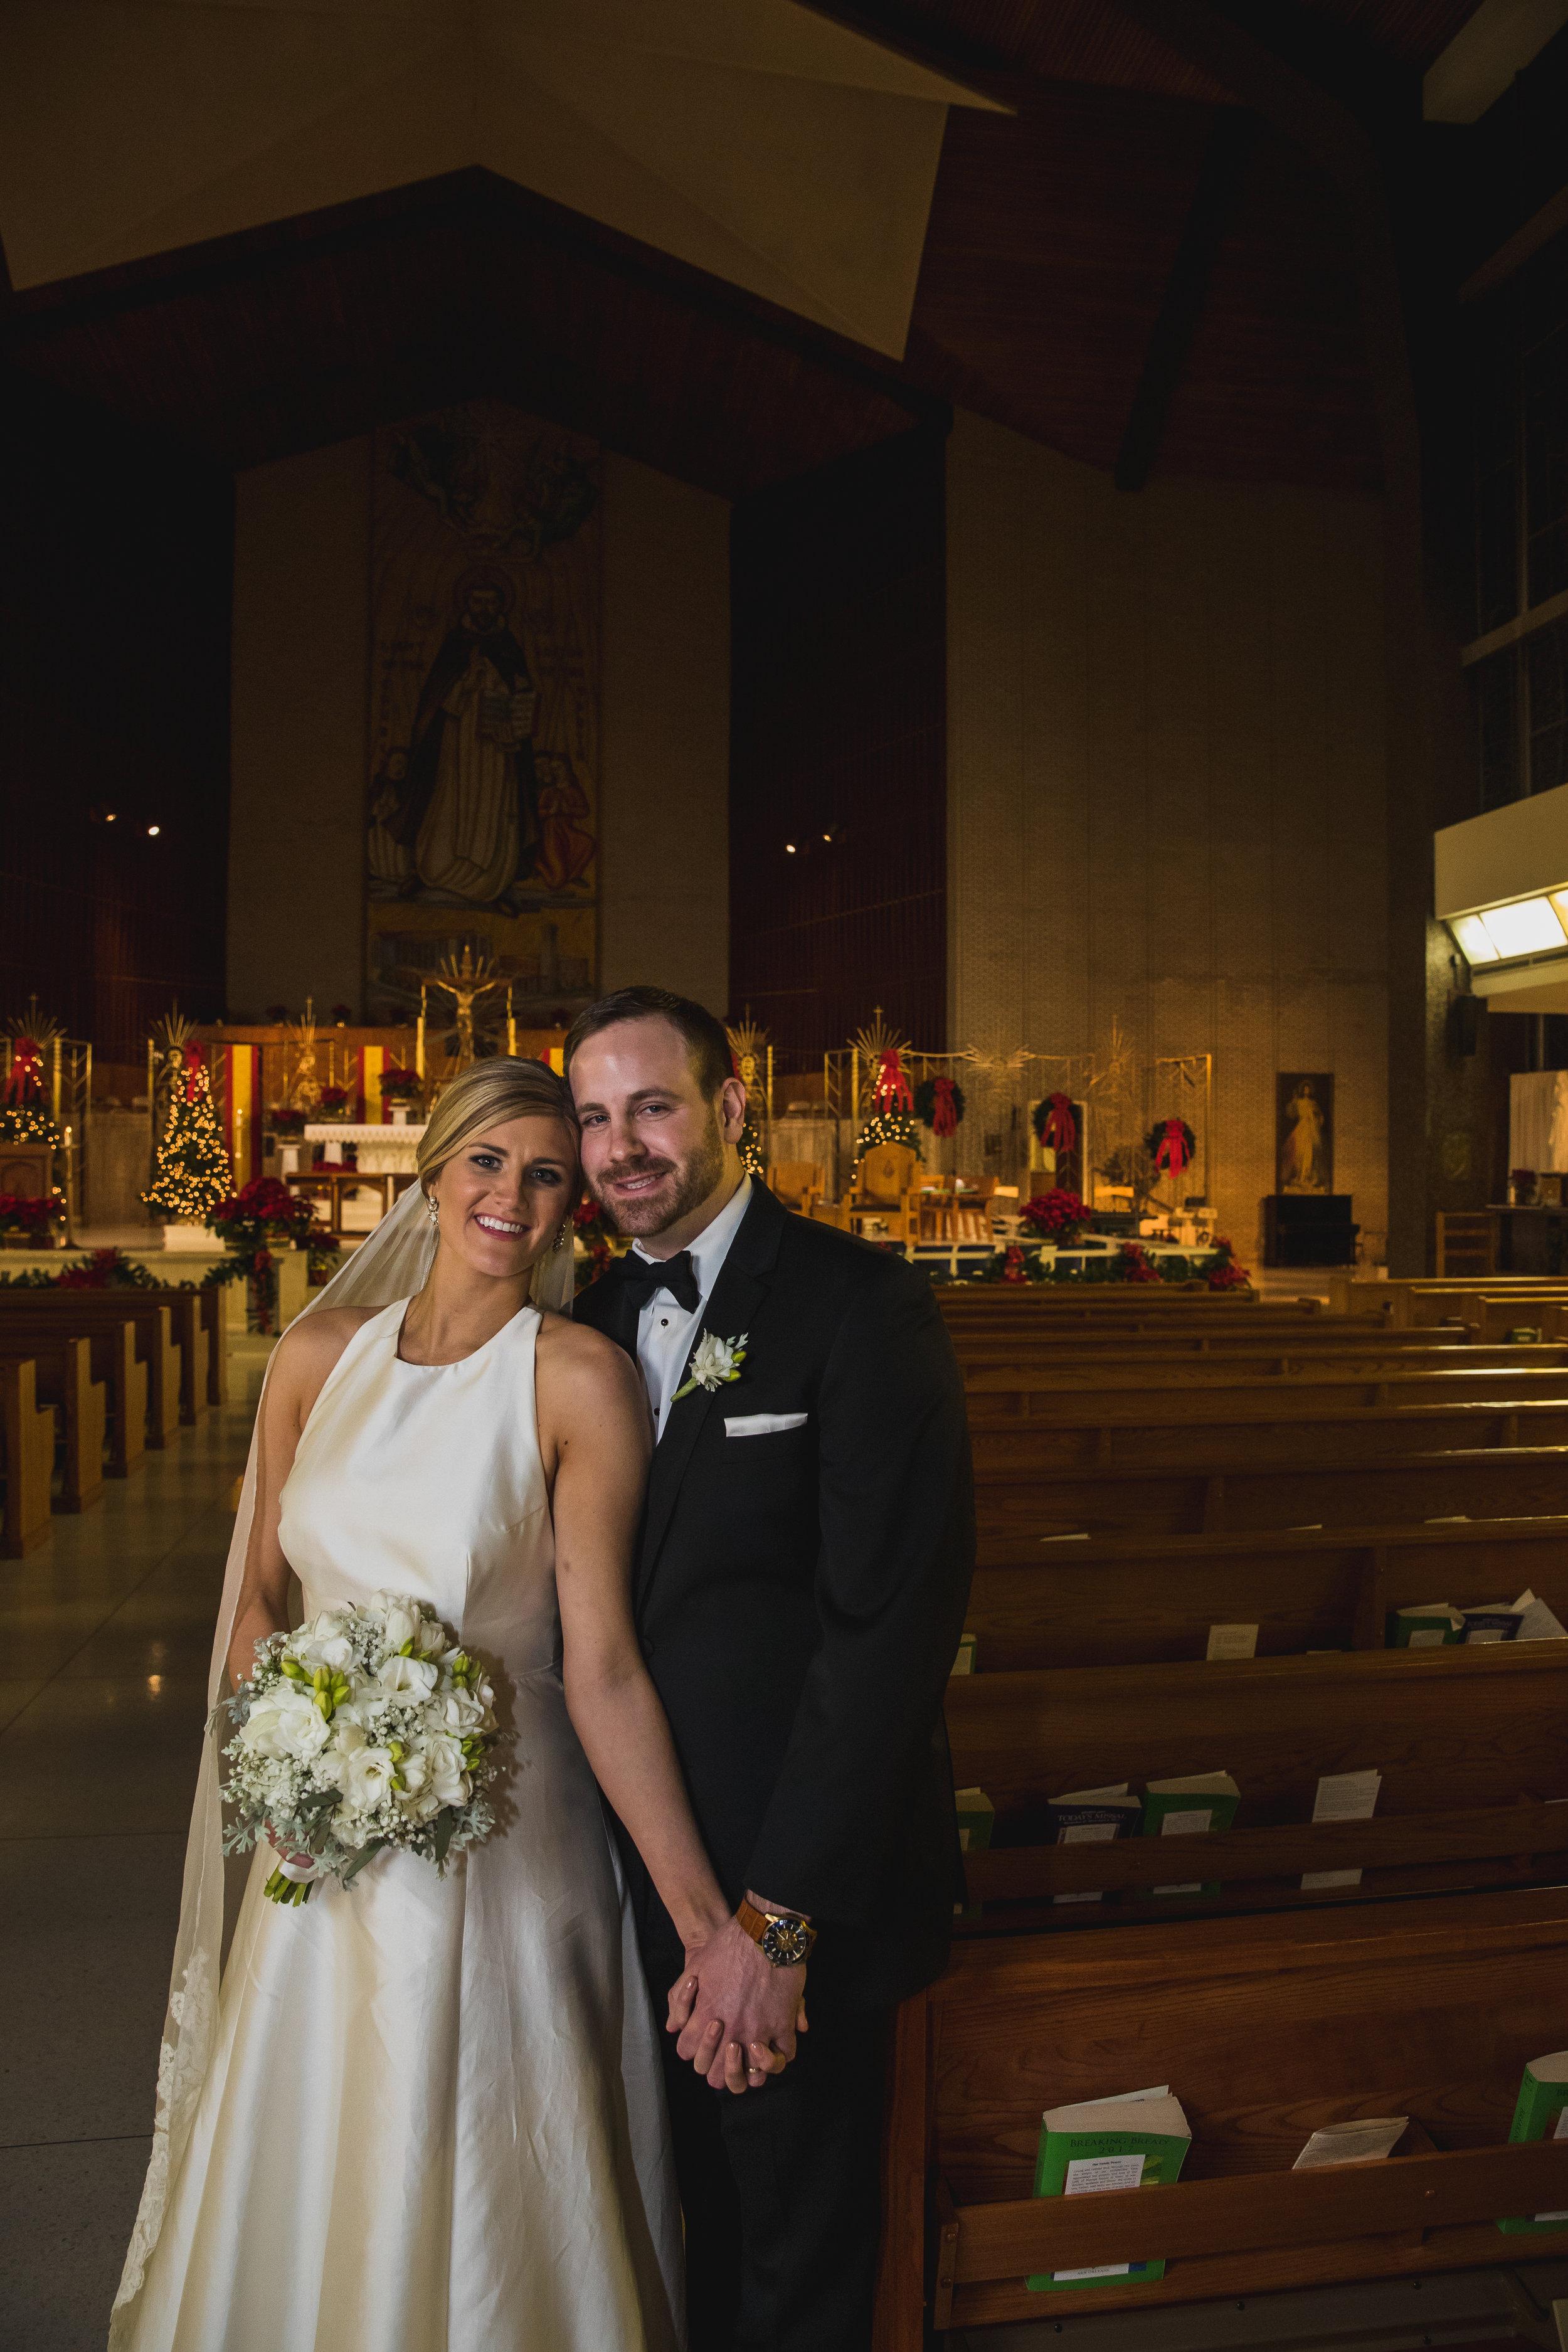 New Orleans Weddings - Bride Film